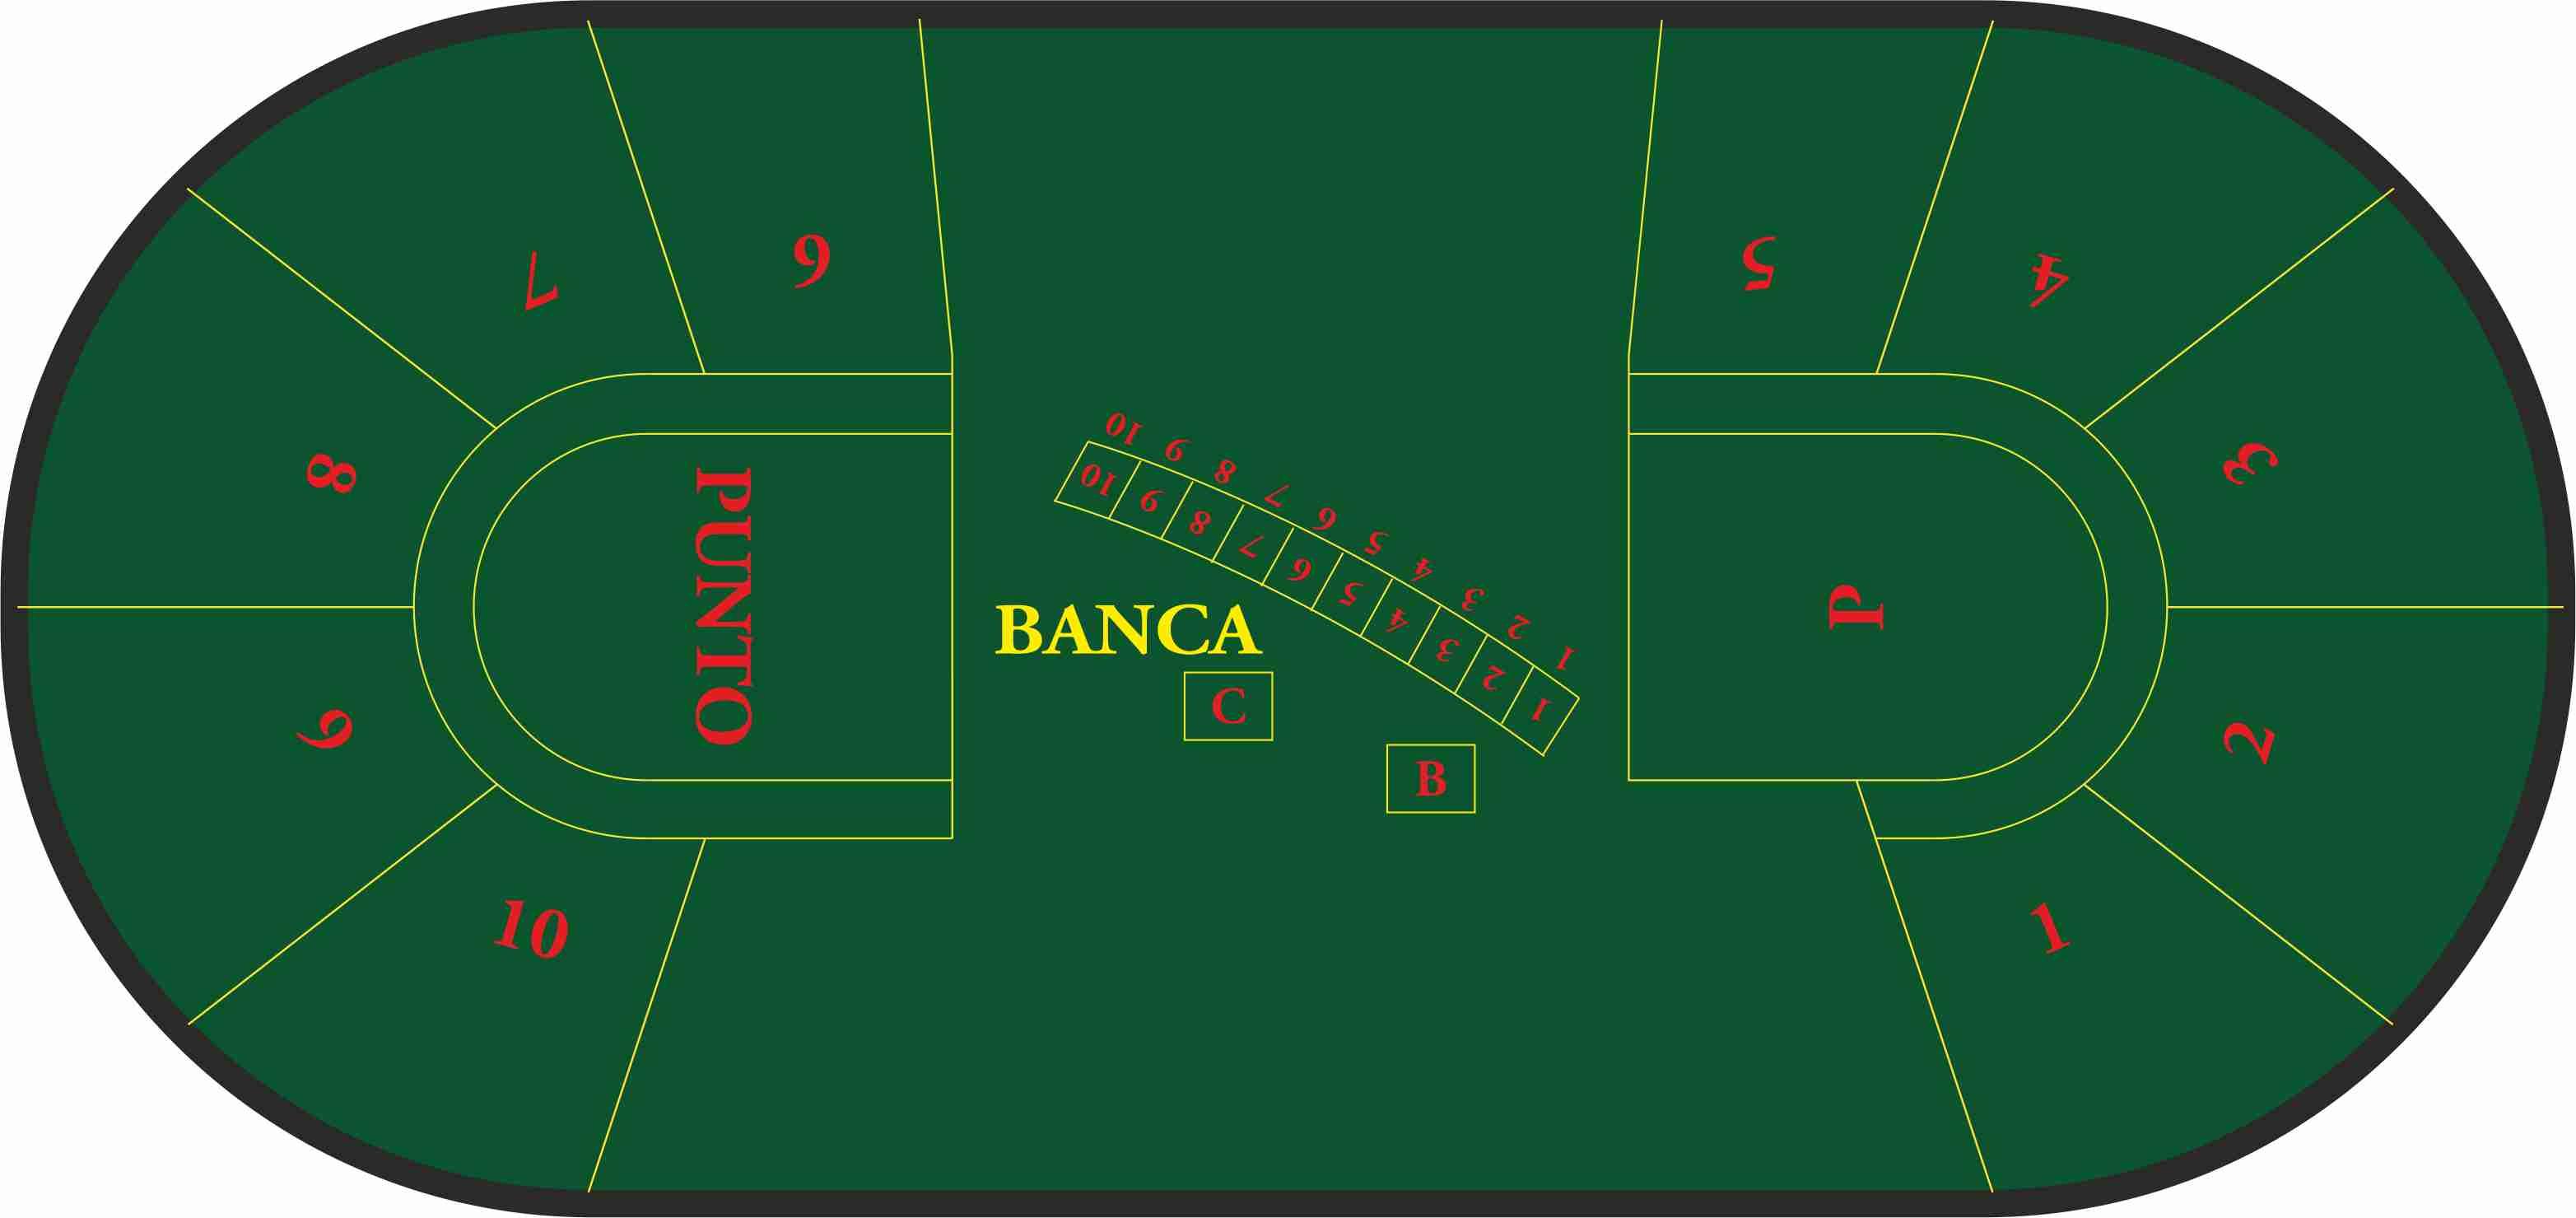 Punto y Banca 11 jugadores